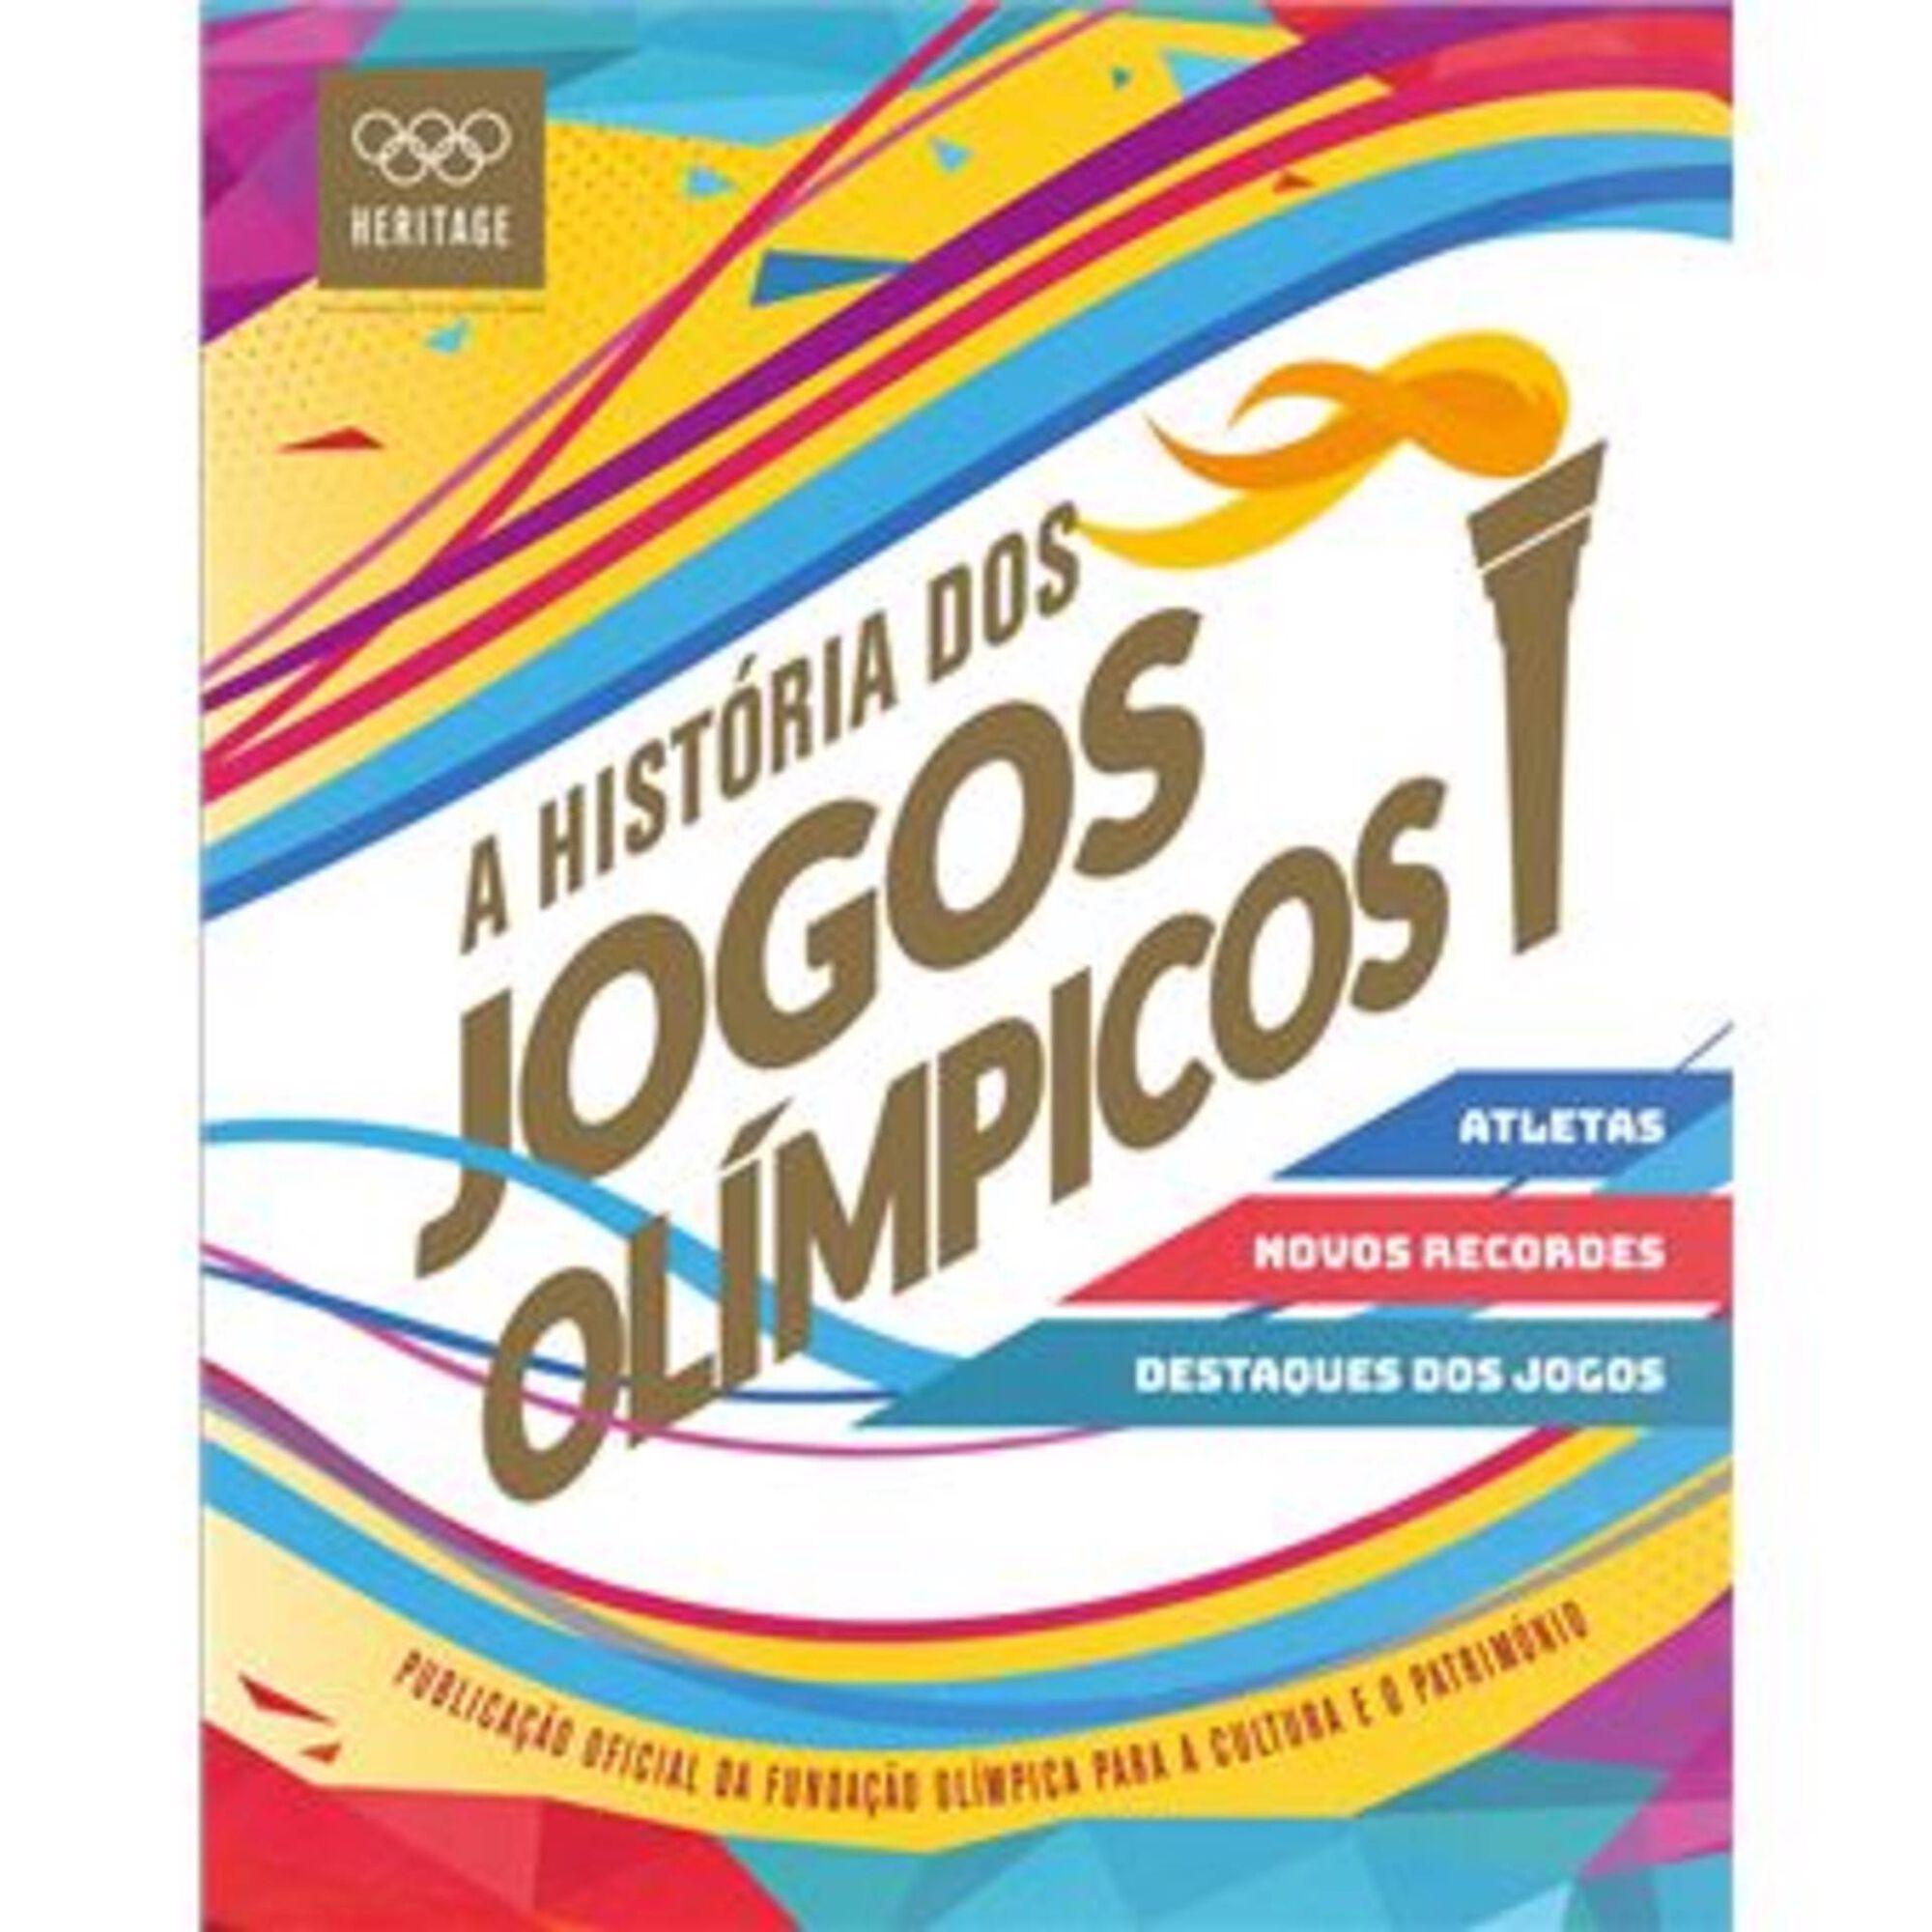 A História dos Jogos Olímpicos